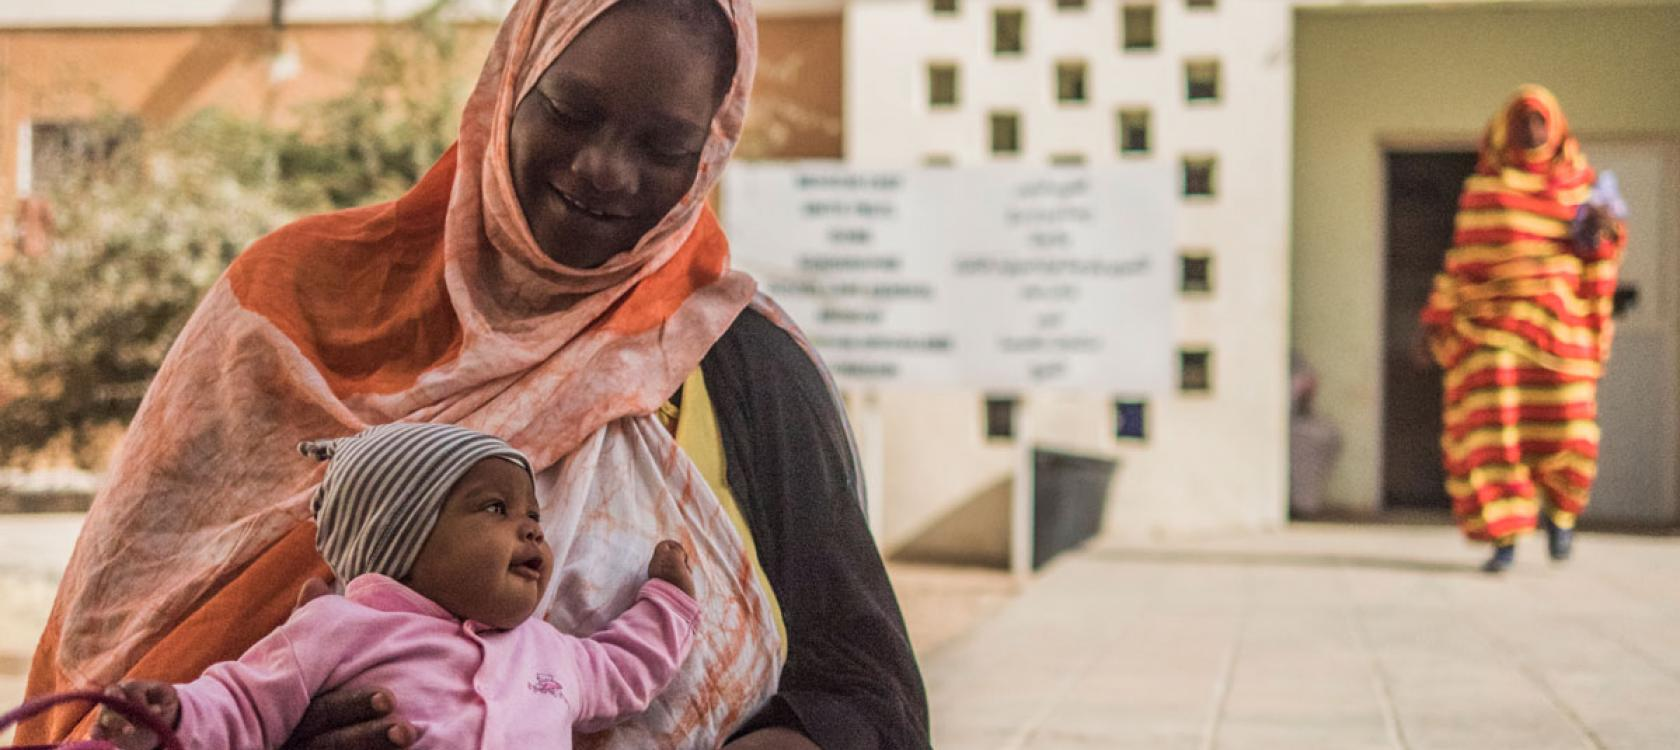 La mortalité maternelle en Mauritanie parmi les plus élevées en Afrique de l'Ouest